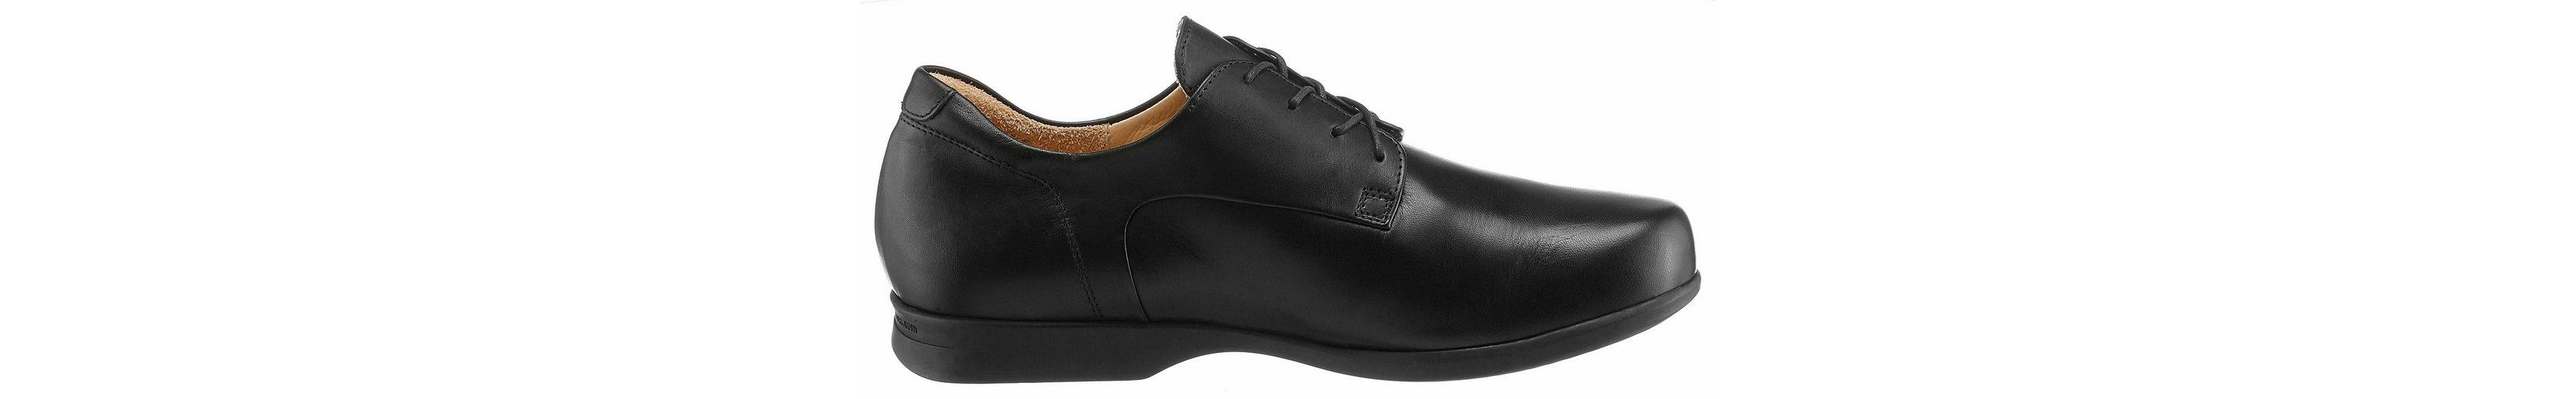 Think! Schnürschuh, mit komfortabler Schuhform